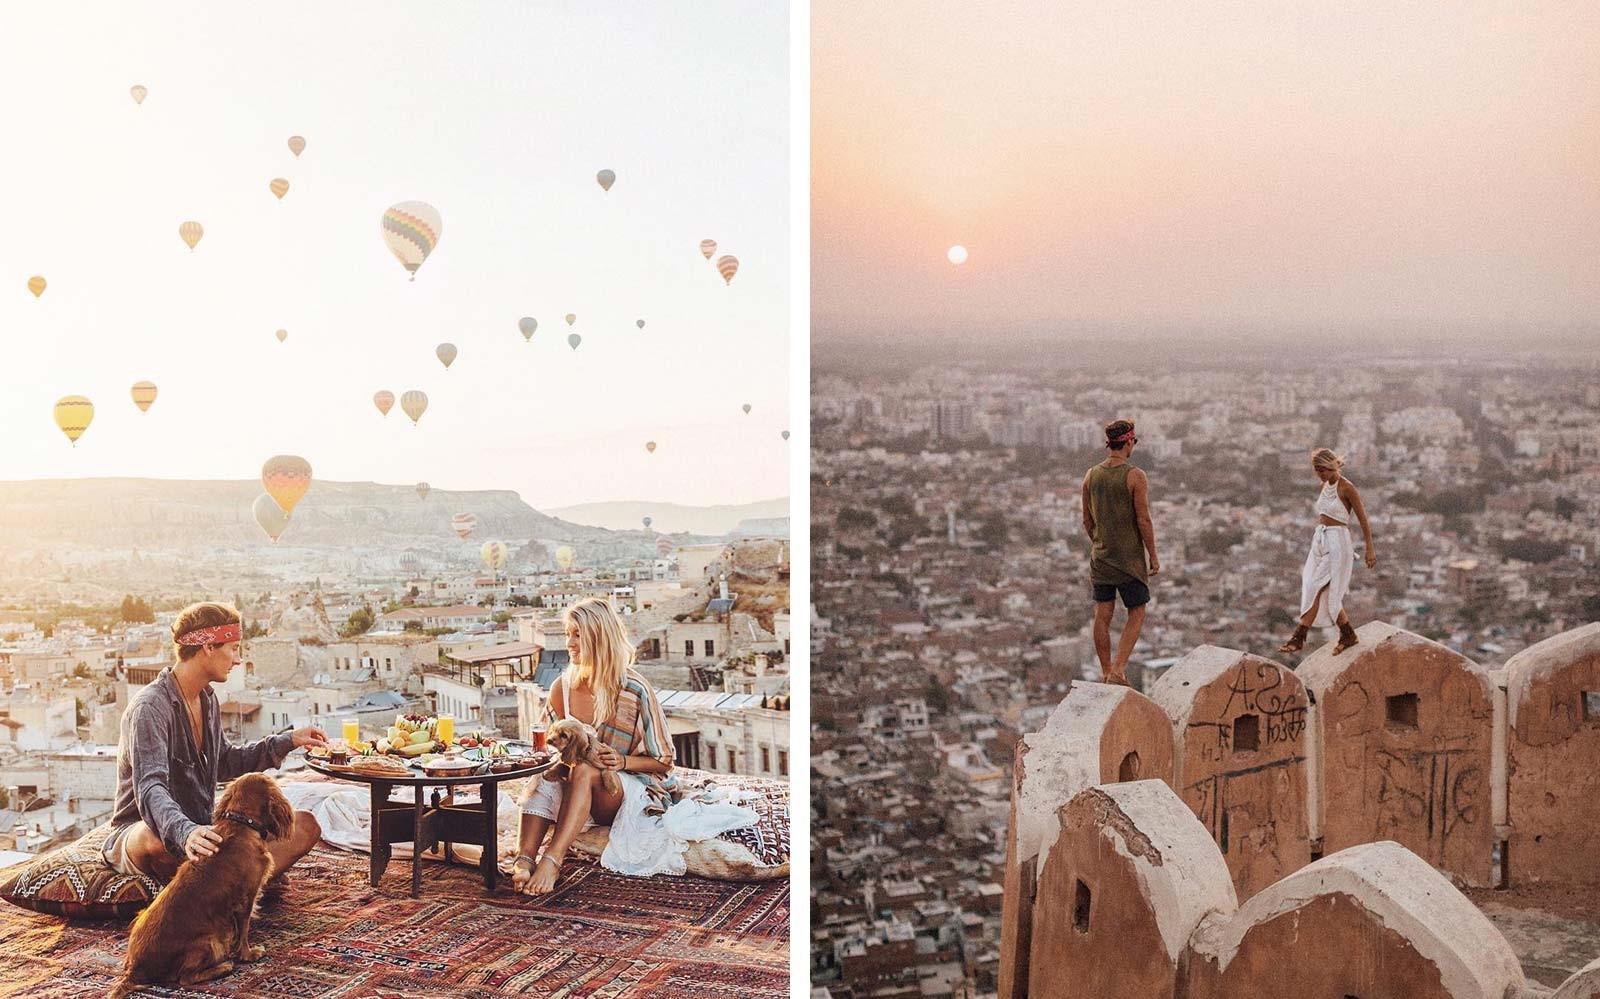 Si vous aimez voyager ensemble, vous pouvez vous lancer dans une nouvelle aventure pour votre premier anniversaire de mariage.